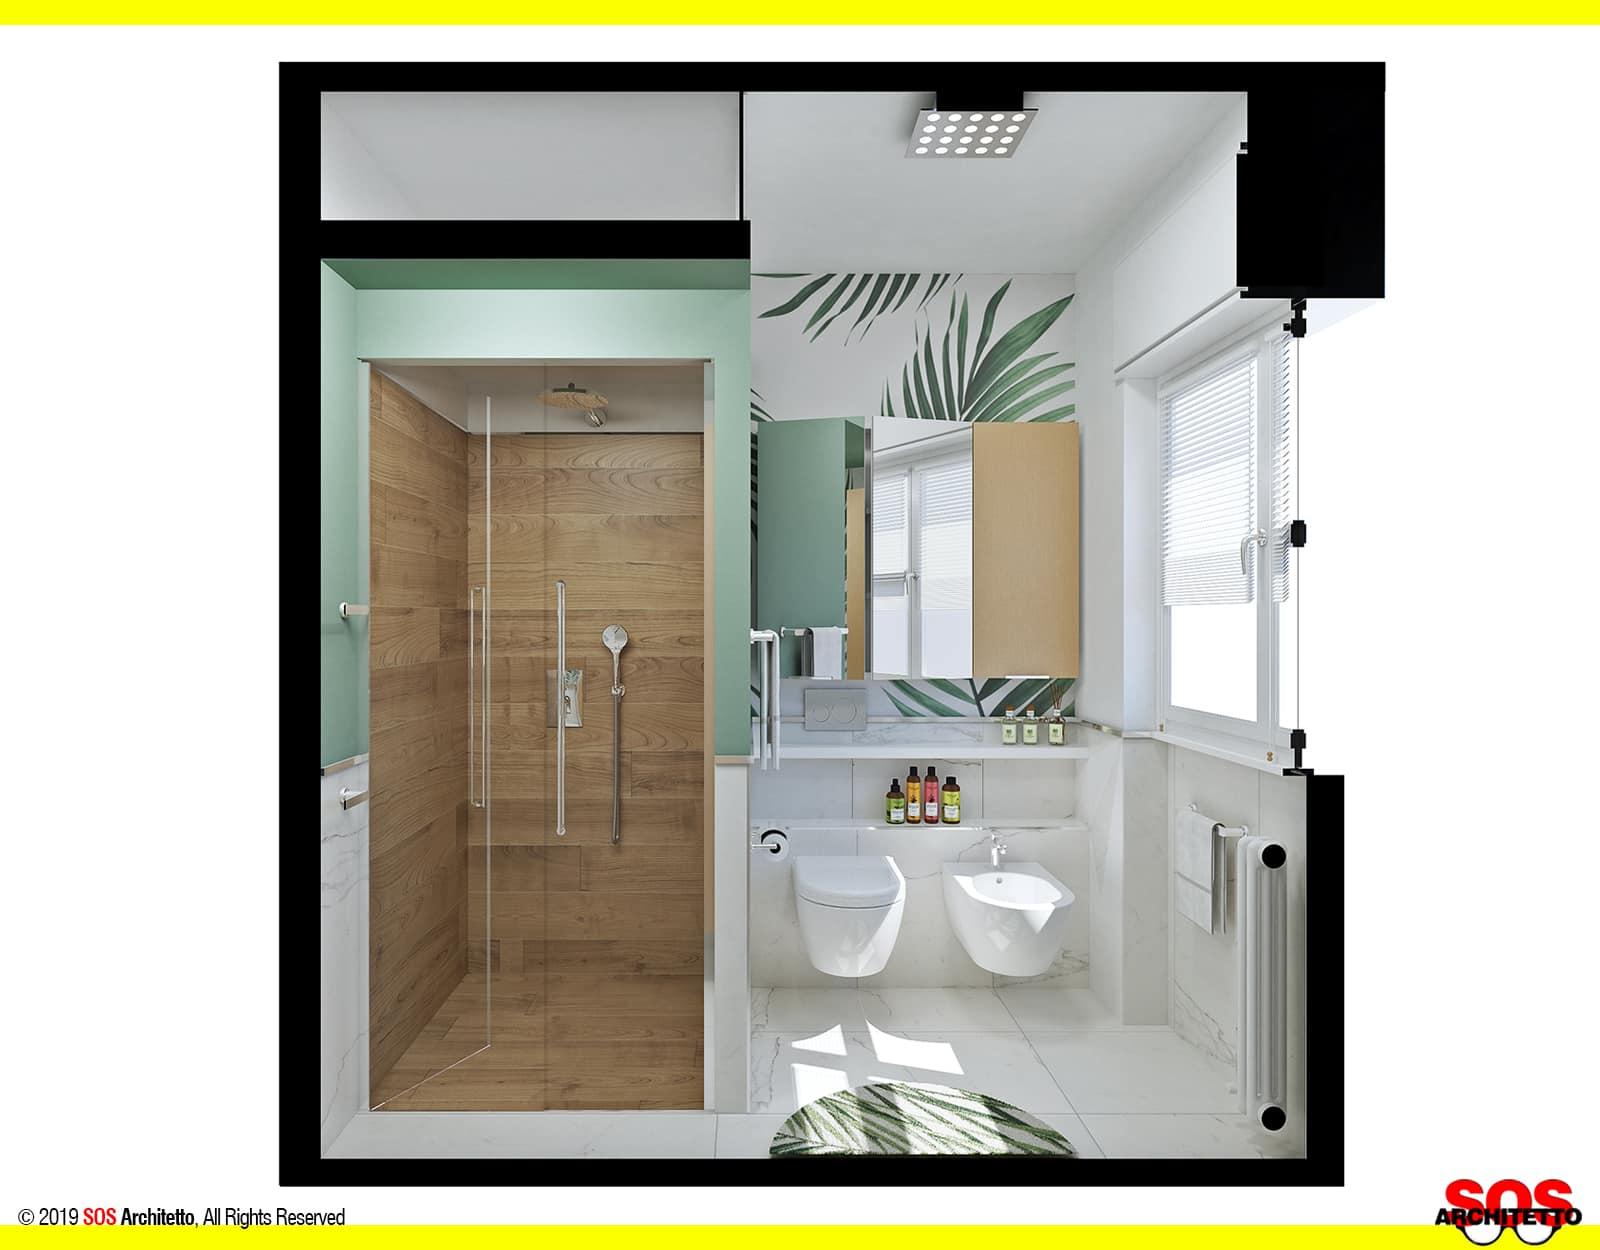 Docce Per Bagni Piccoli bagno piccolo con lavatrice - idee low cost - sos architetto